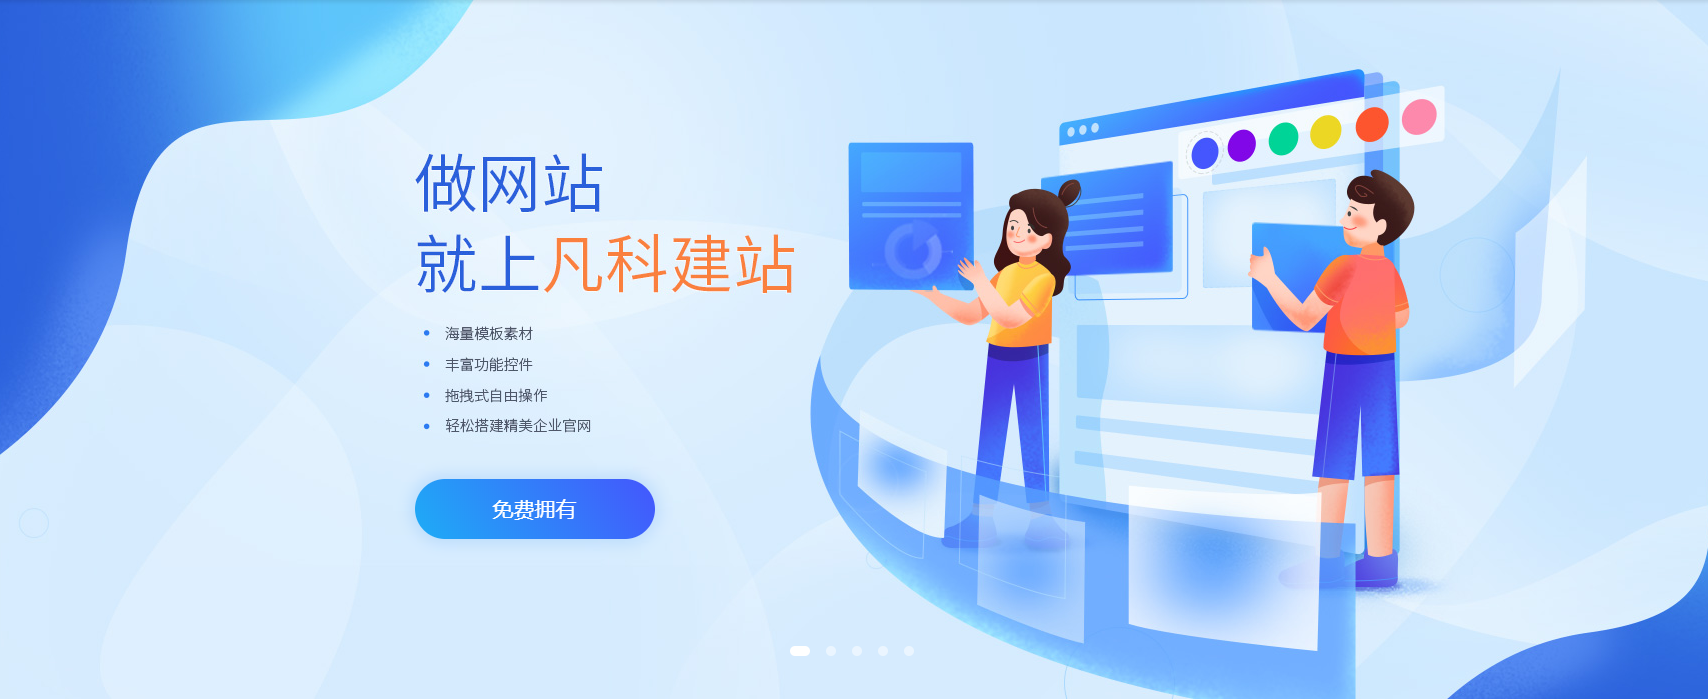 网站设计的色块示例